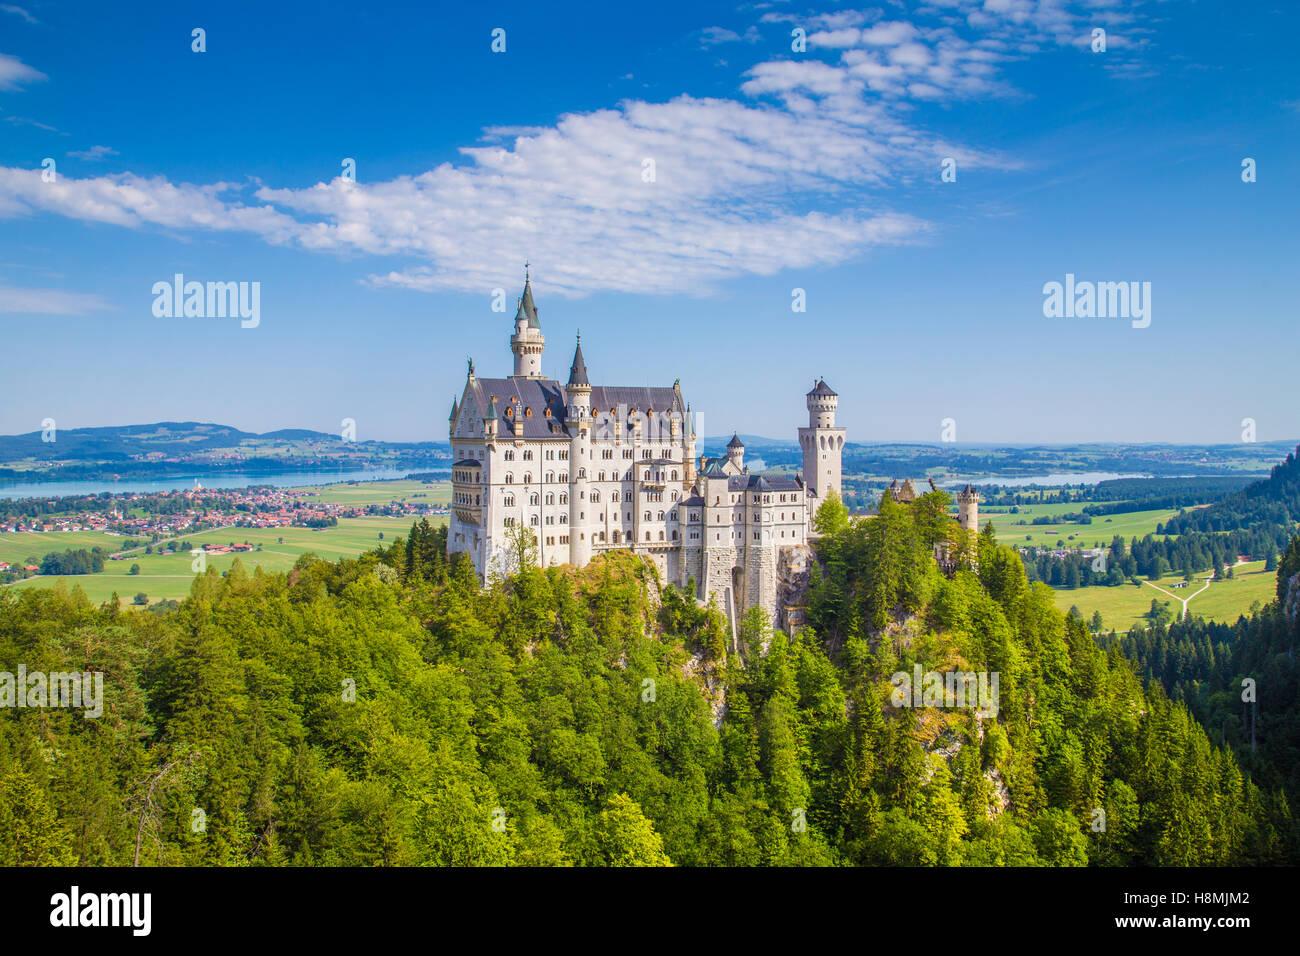 Klassische Ansicht des weltberühmten Schloss Neuschwanstein, einer der meist besuchten Burgen Europas, an einem Stockbild